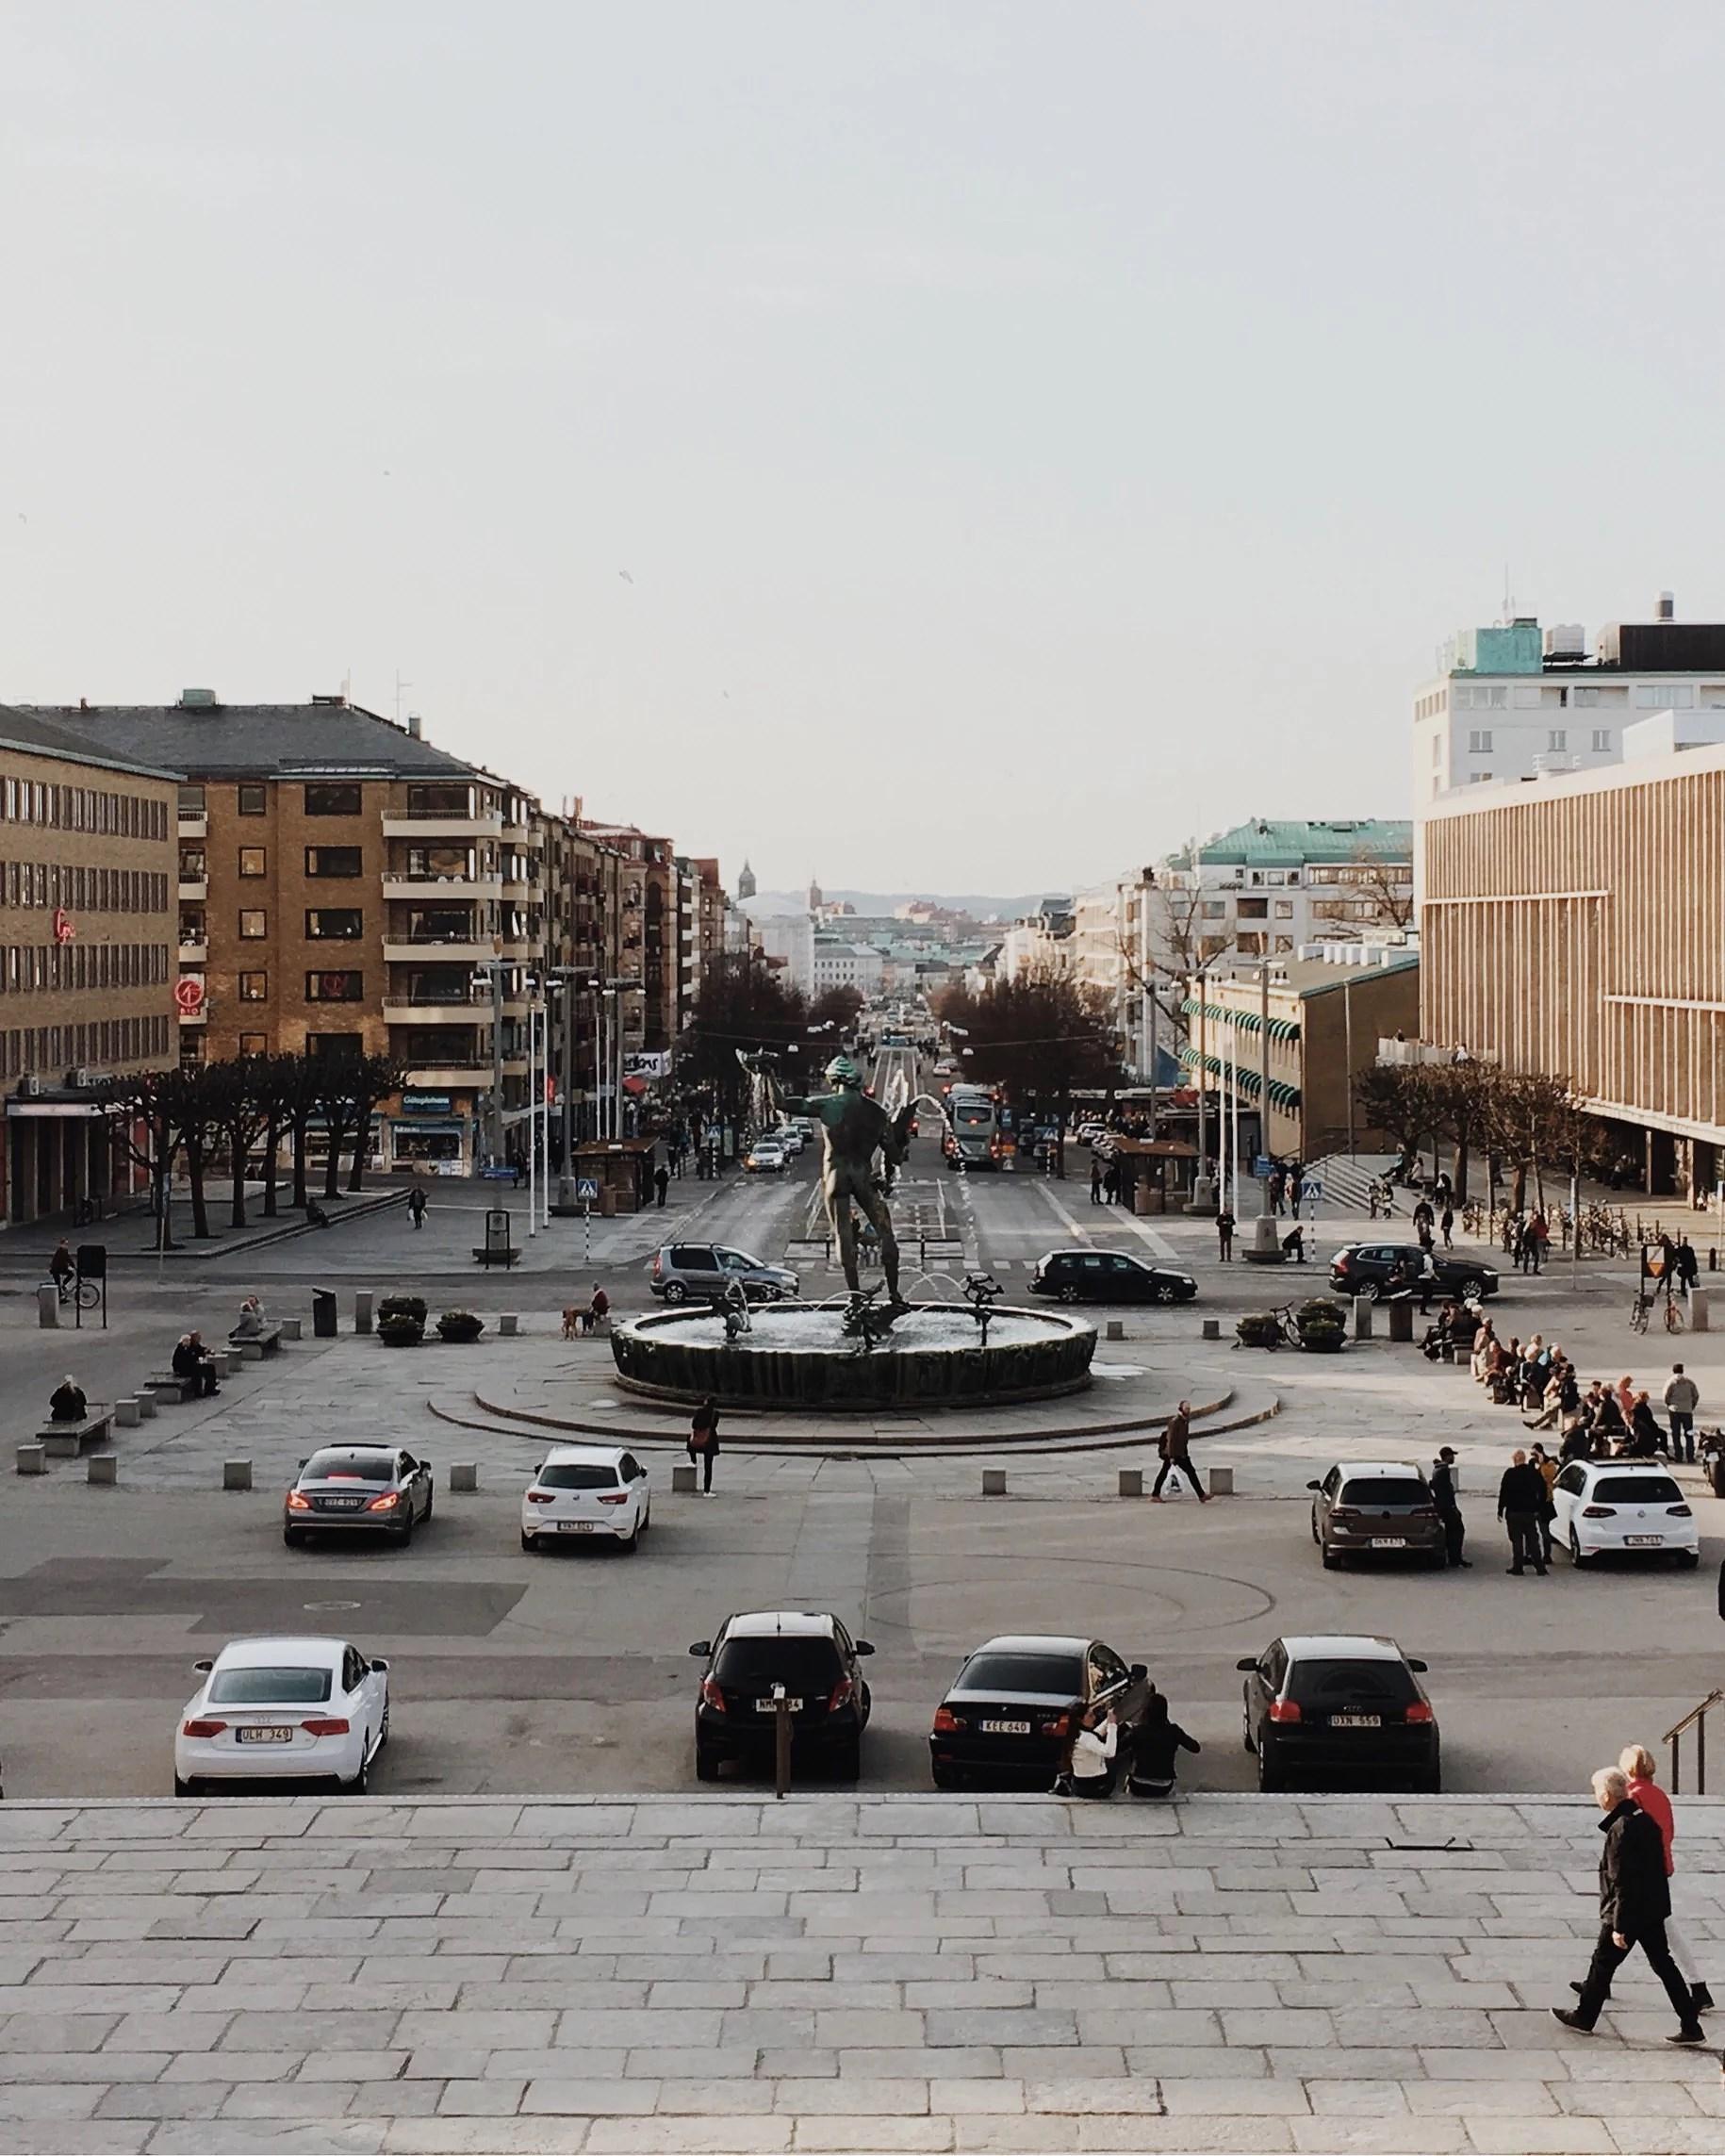 Gothenburg, May 2018